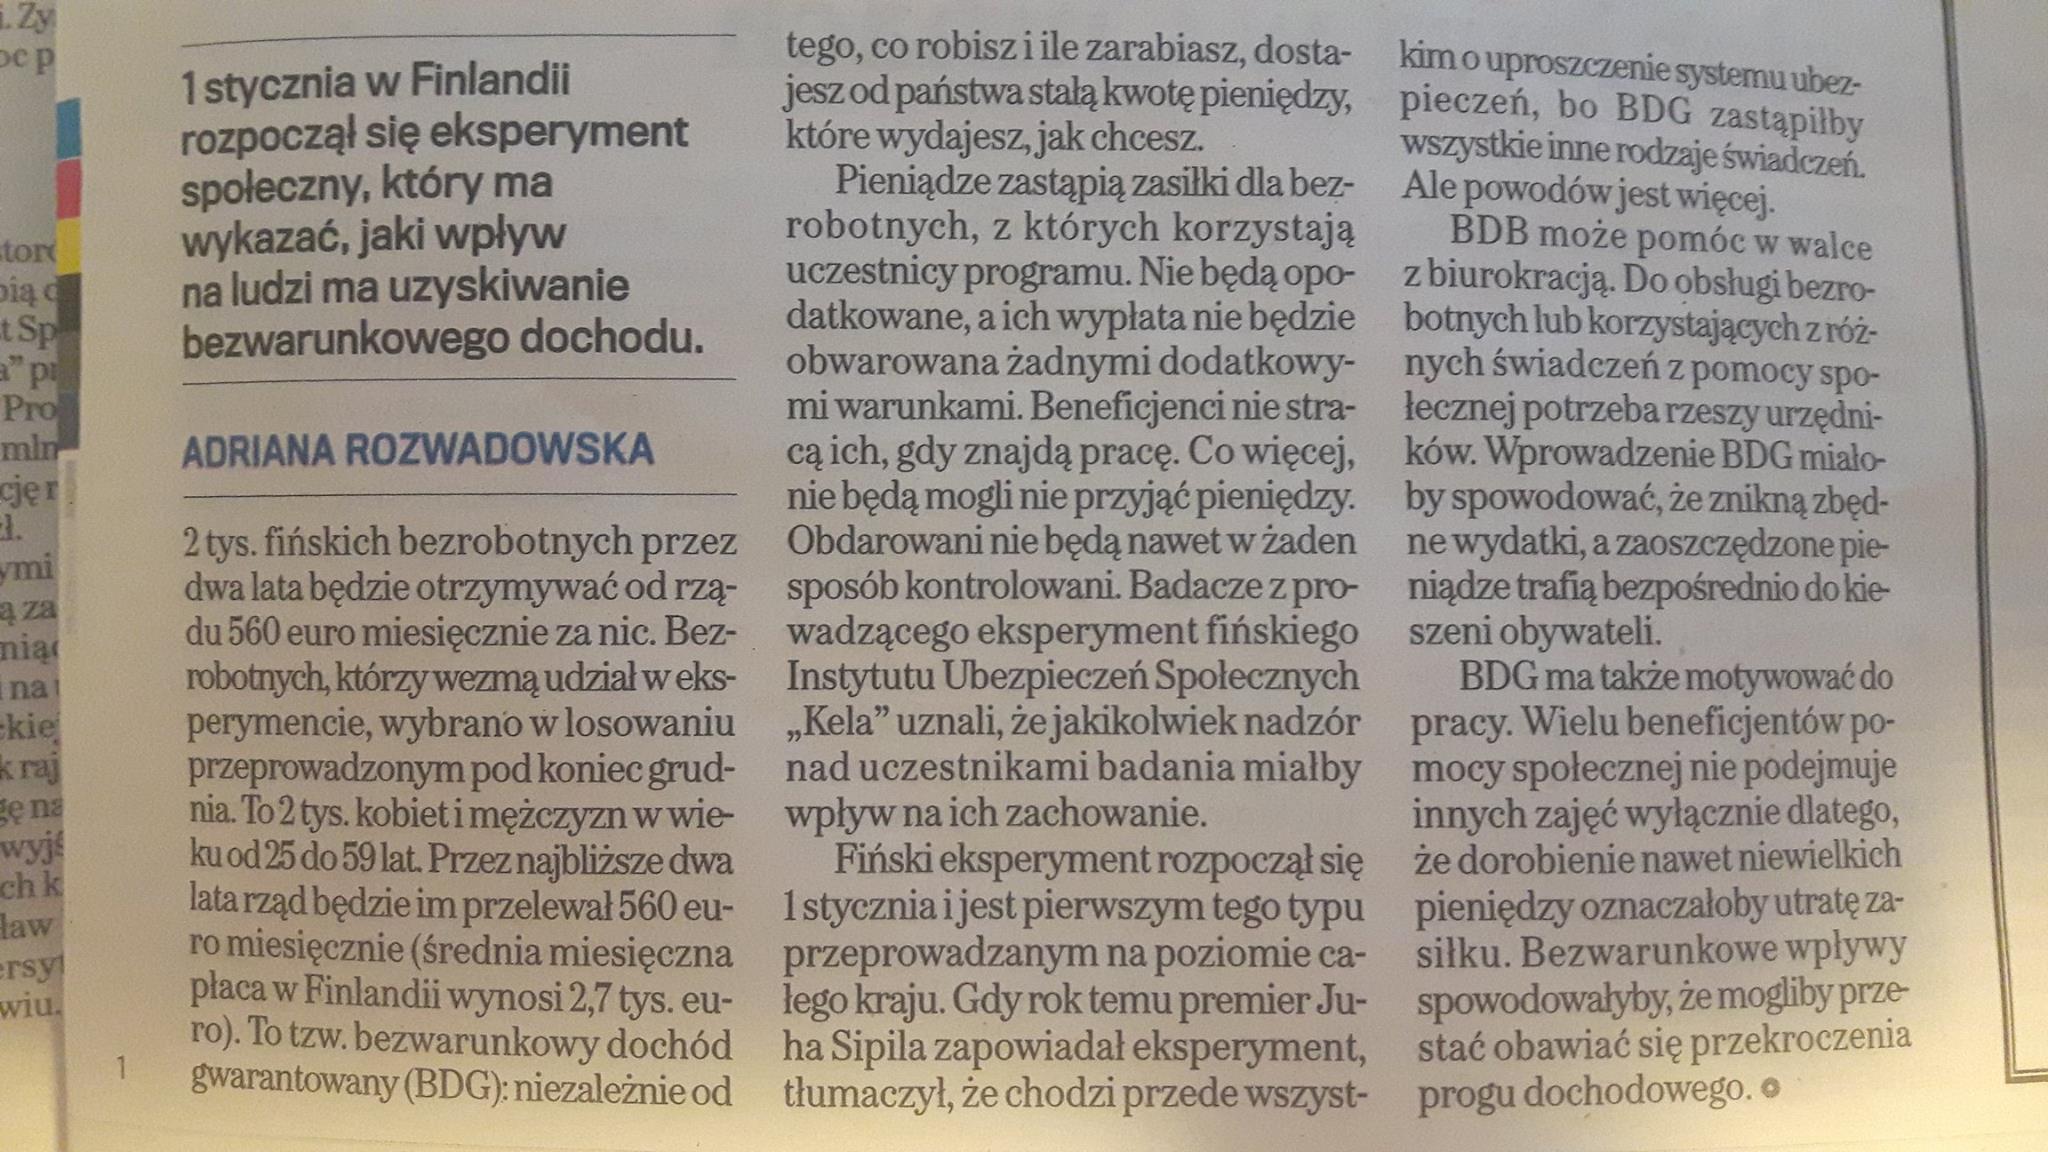 Jedyny taki na świecie dochód gwarantowany, czyli fiński eksperyment